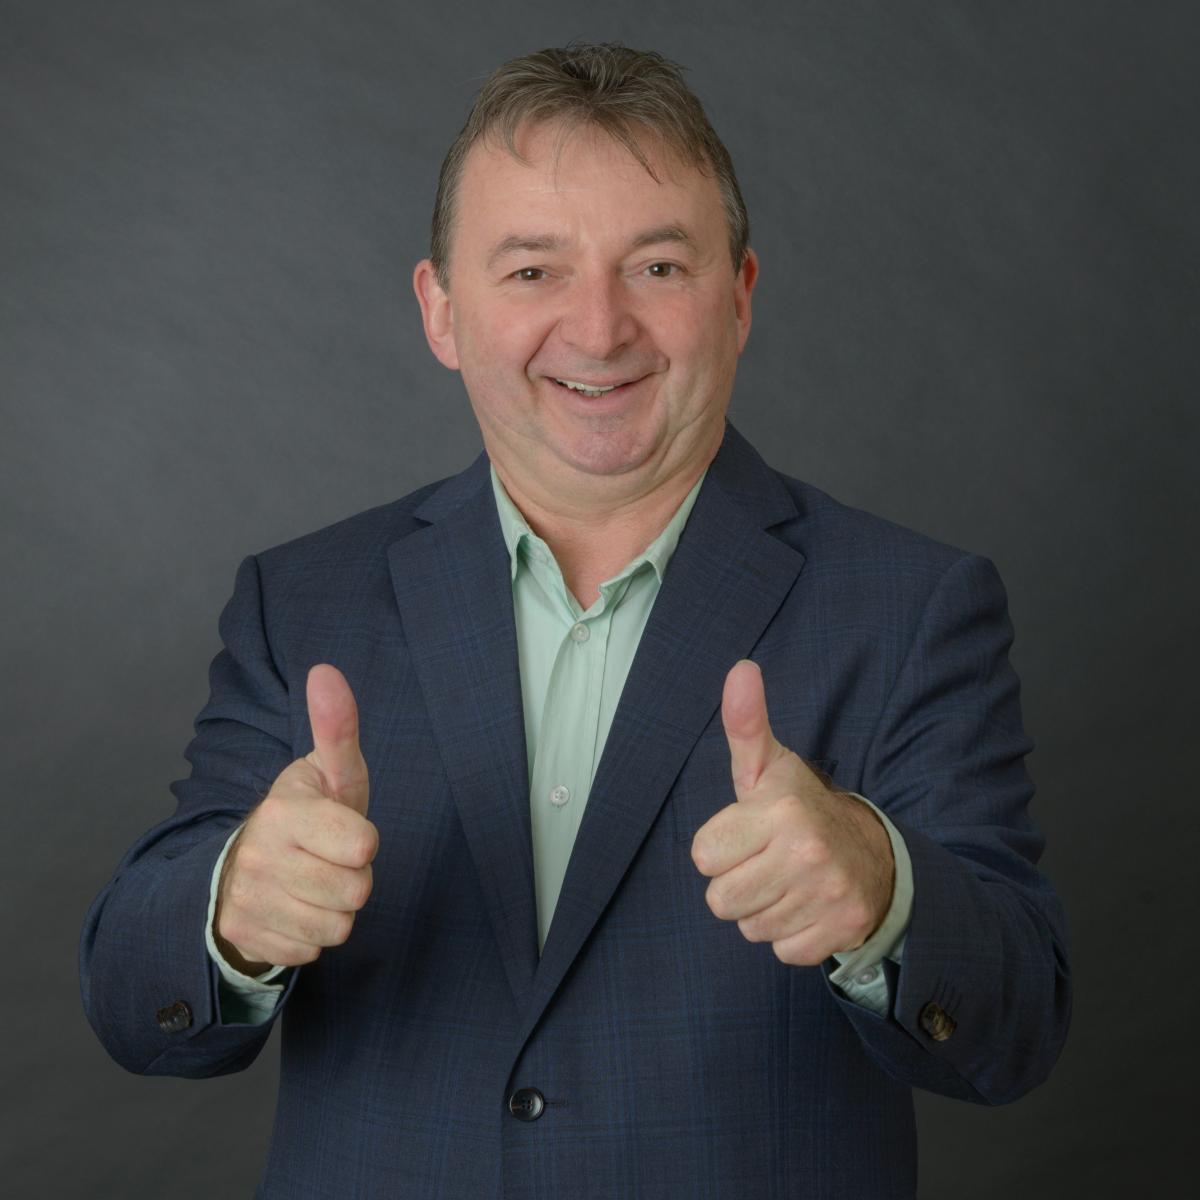 Albert Riedelsheimer kandidiert für das Amt des Oberbürgermeisters von Donauwörth